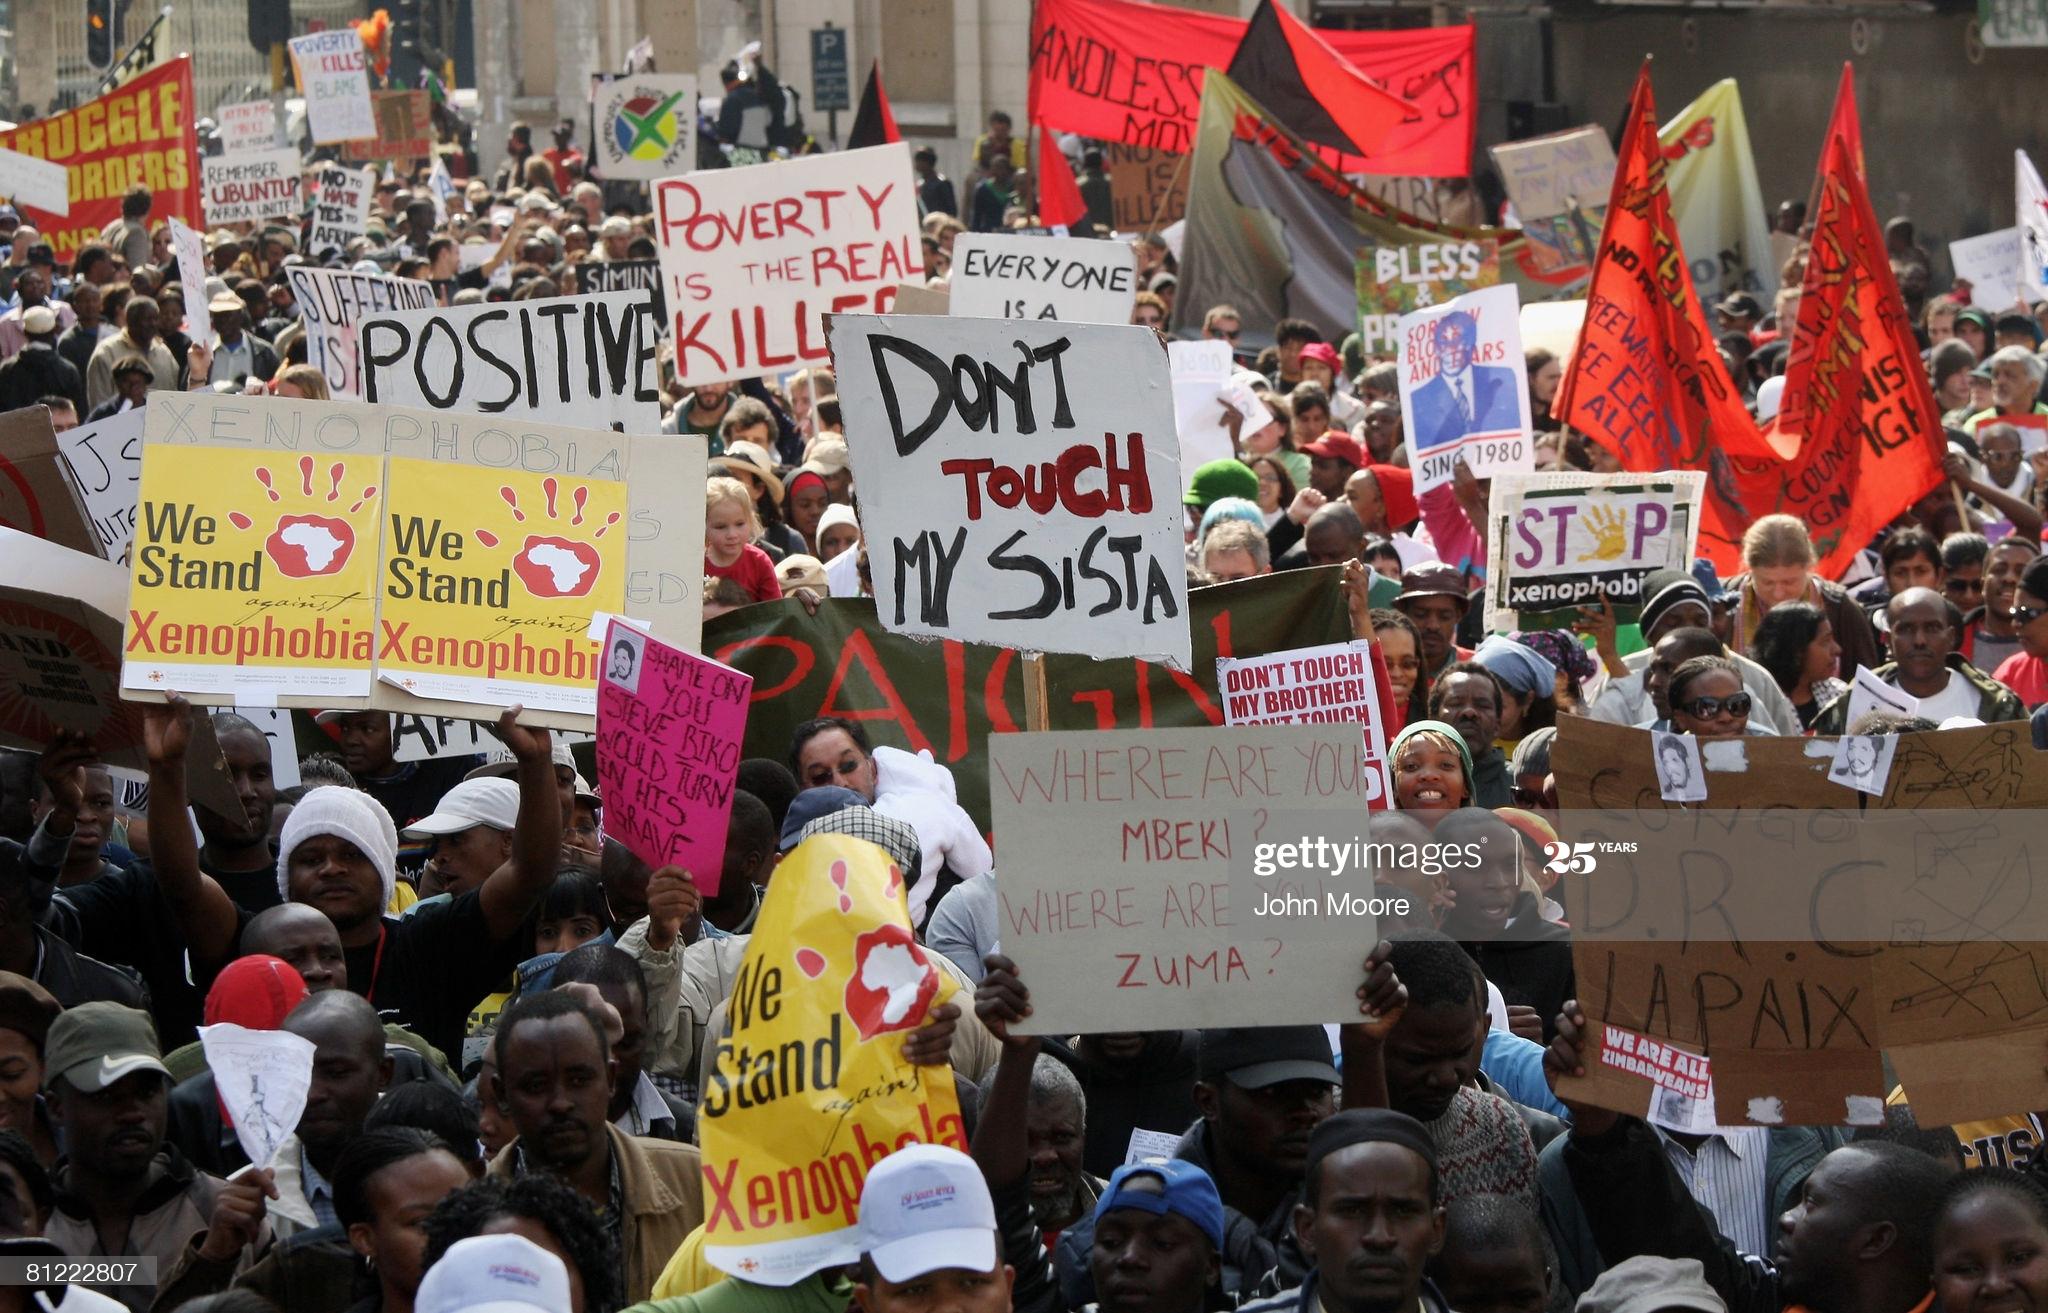 """Johannesburg, Afrique du Sud, 24 mai 2008 : Des milliers de protestataires sud-africains et immigrés militent contre les attaques xénophobes ; Il y'a beaucoup de réfugiés du Zimbabwe, qui ont été déplacés dans l'Afrique du Sud dans une vague de violence anti-étrangers. Beaucoup de sud-africains pauvres ont blâmé les immigrants, qui selon eux leur """"vole"""" des opportunités."""